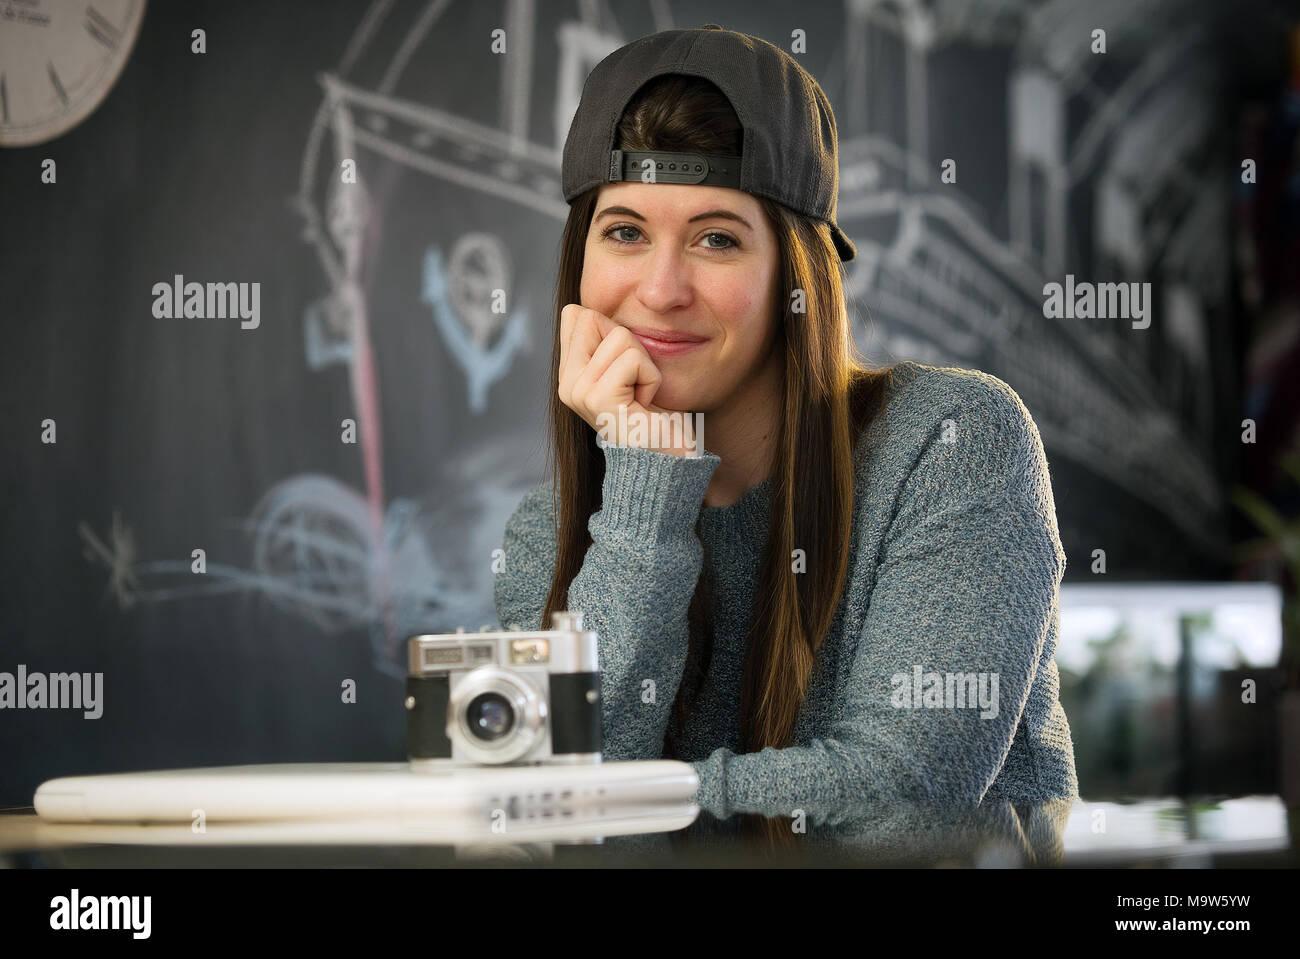 Repentigny, Kanada, 27, März, 2018. junge Frau an der Kamera lächelnd in Ihrer Küche. Credit Mario Beauregard/Alamy leben Nachrichten Stockbild